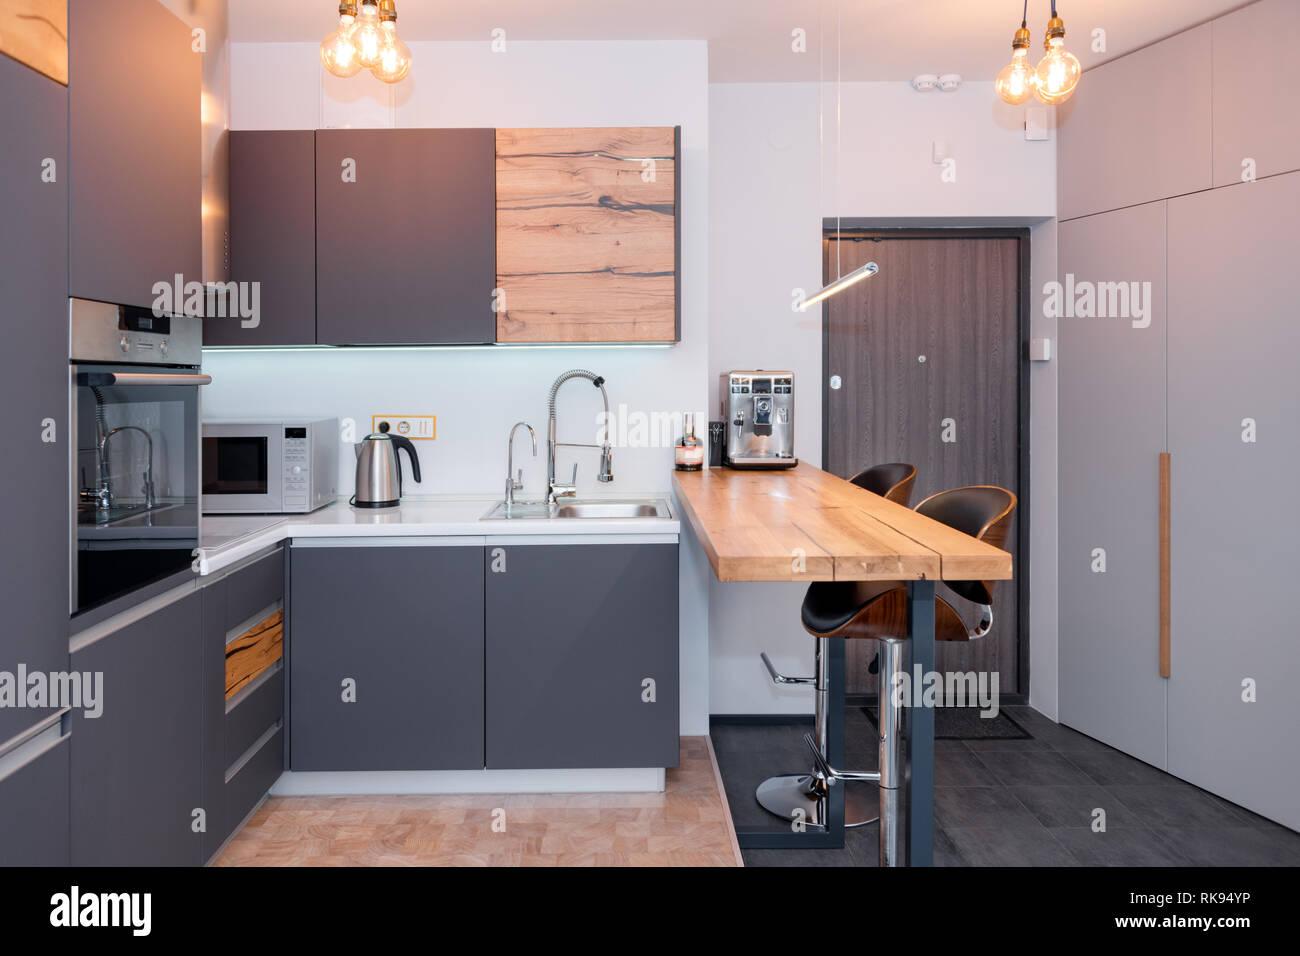 Moderne Küche Interieur mit leuchten auf. Braune Holztisch ...